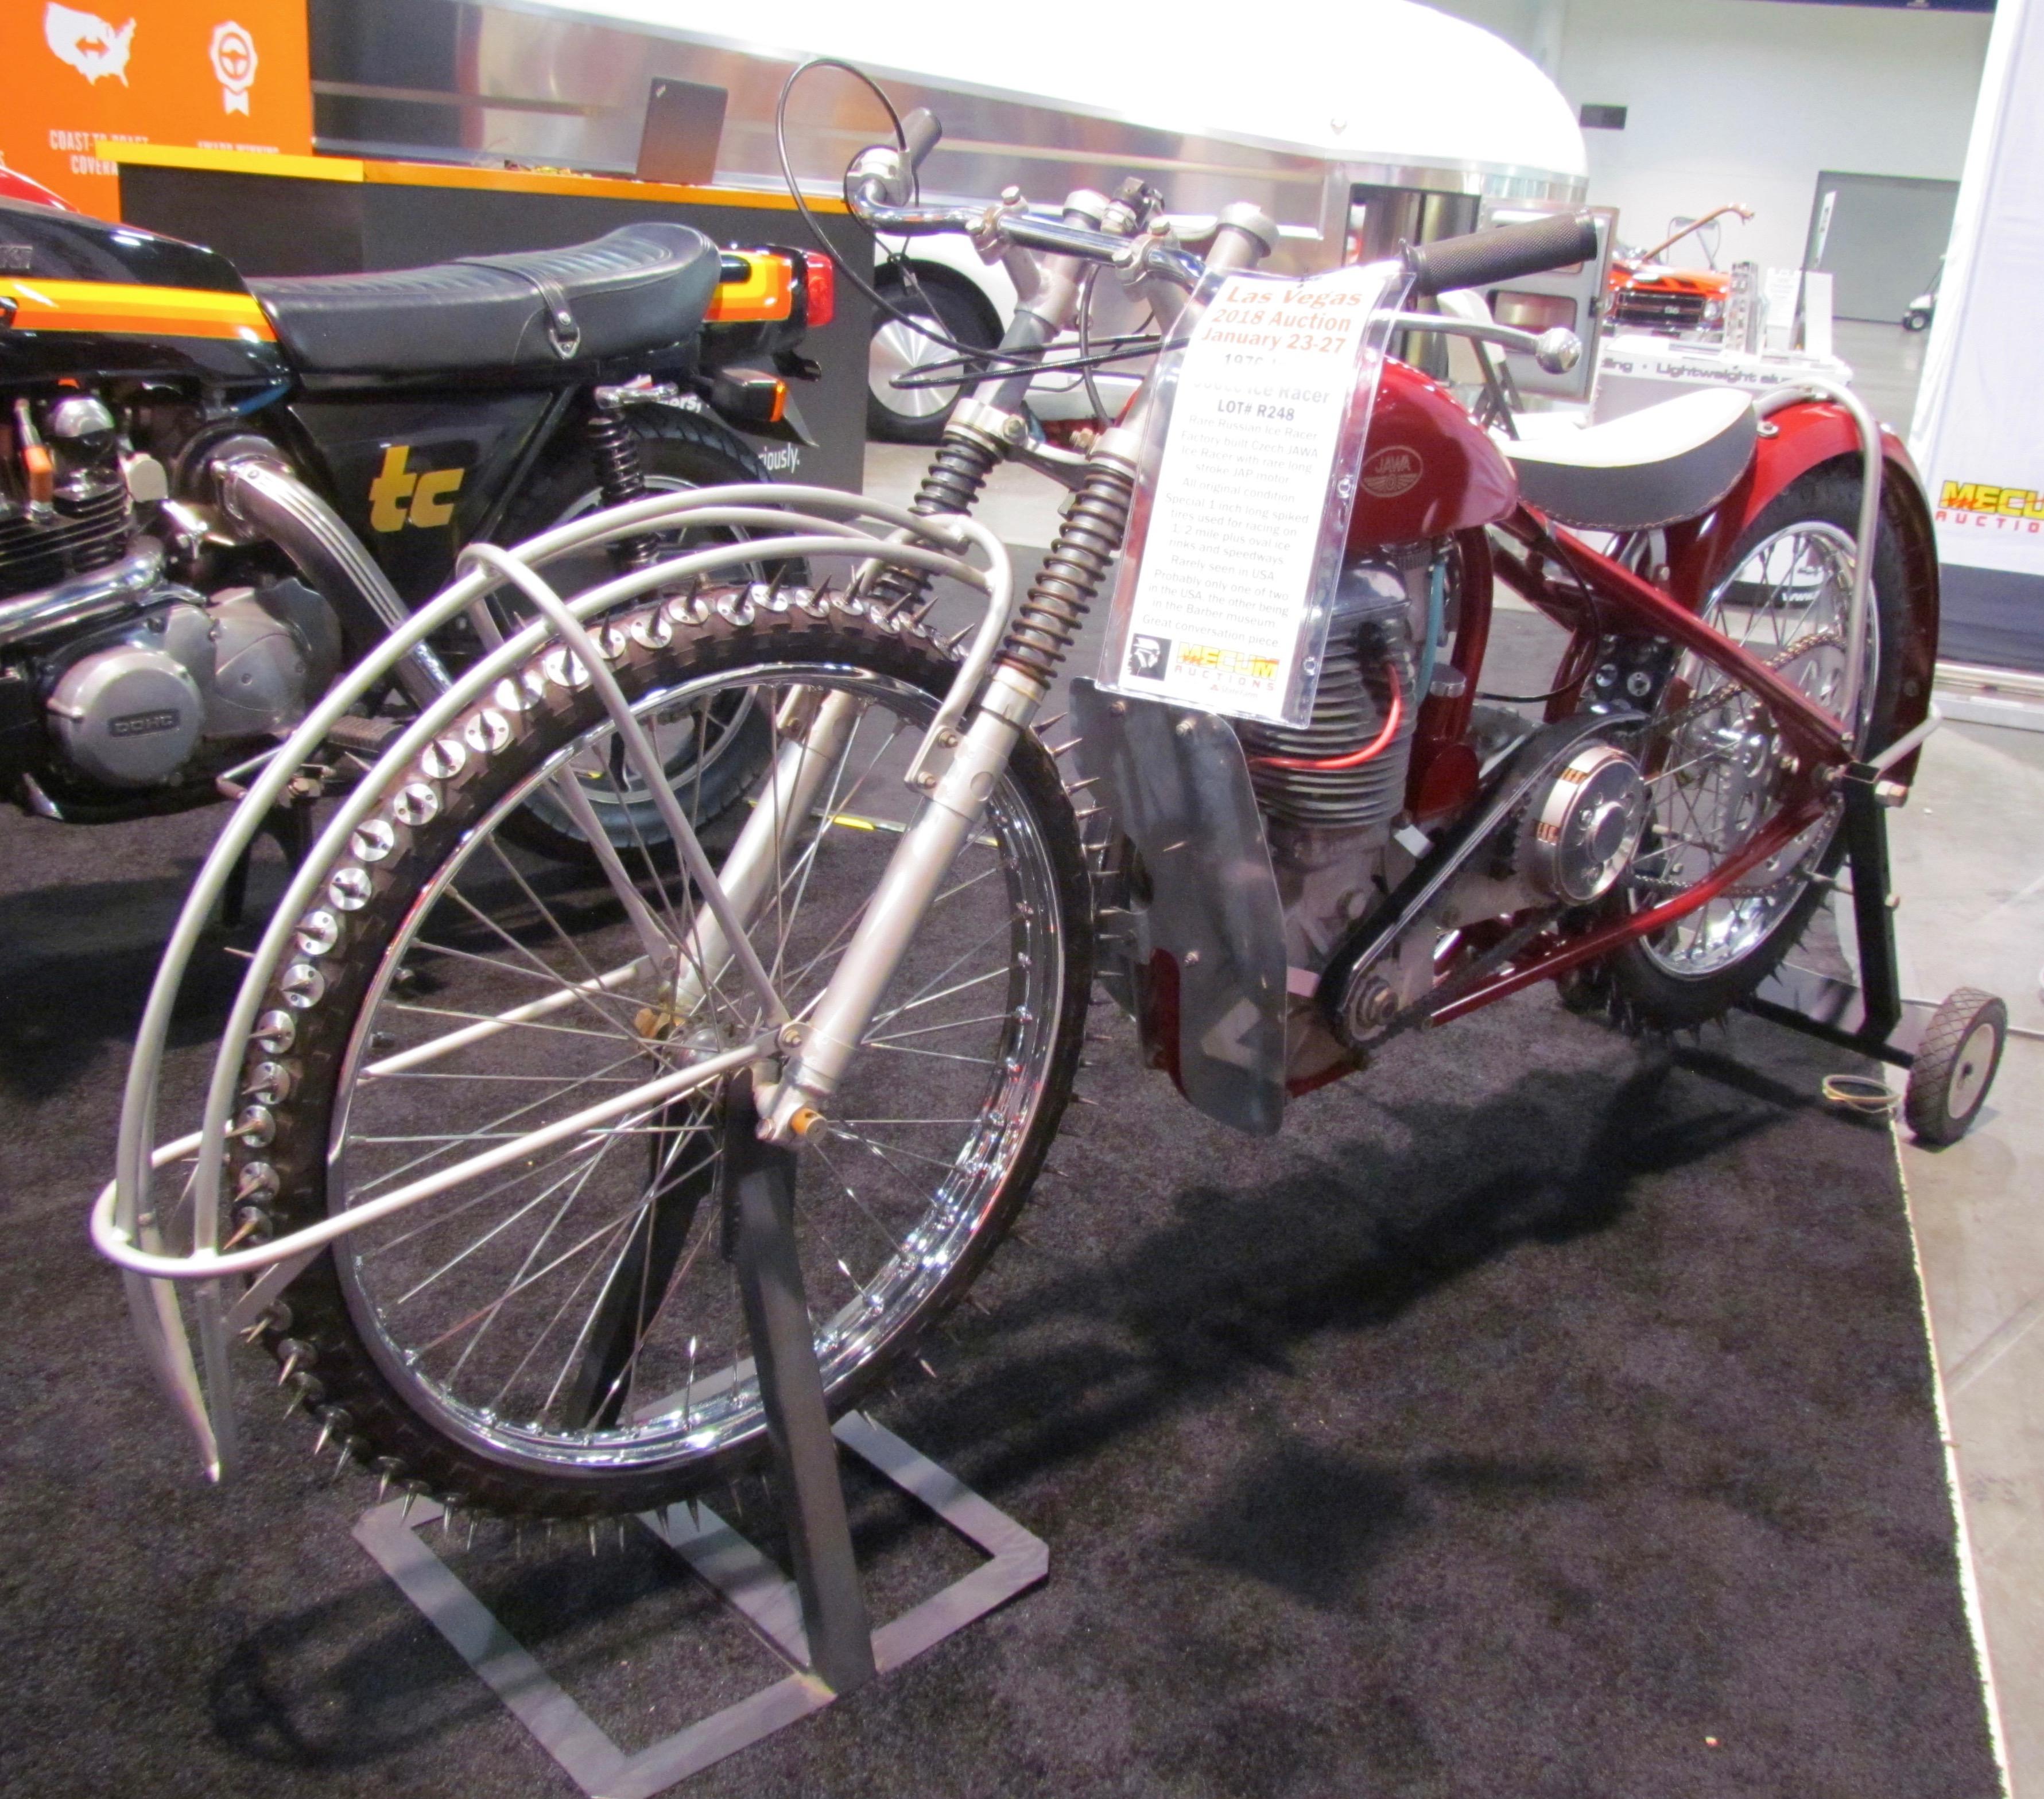 , More auction action: Mecum, Bonhams gear up for Las Vegas motorcycle sales, ClassicCars.com Journal